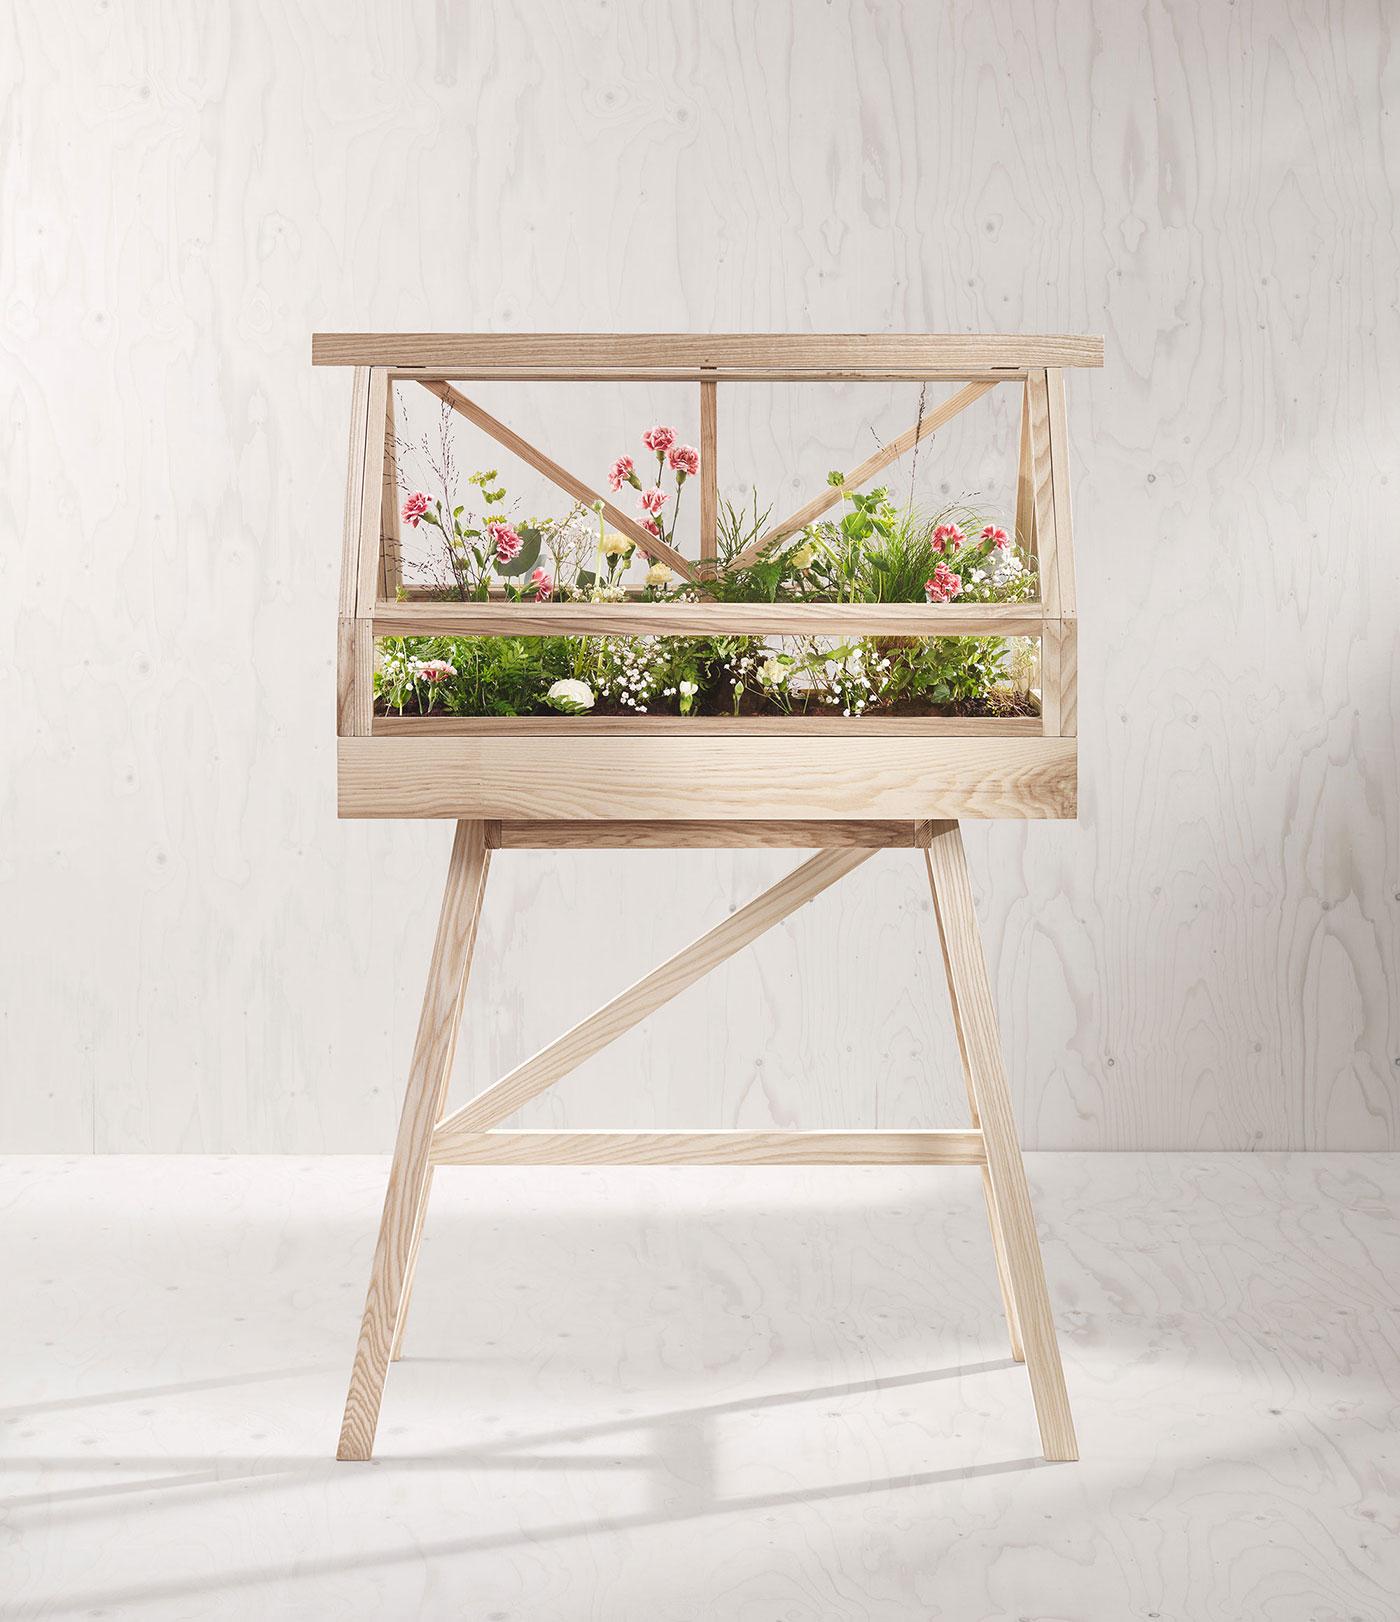 Indoor garden with flowers